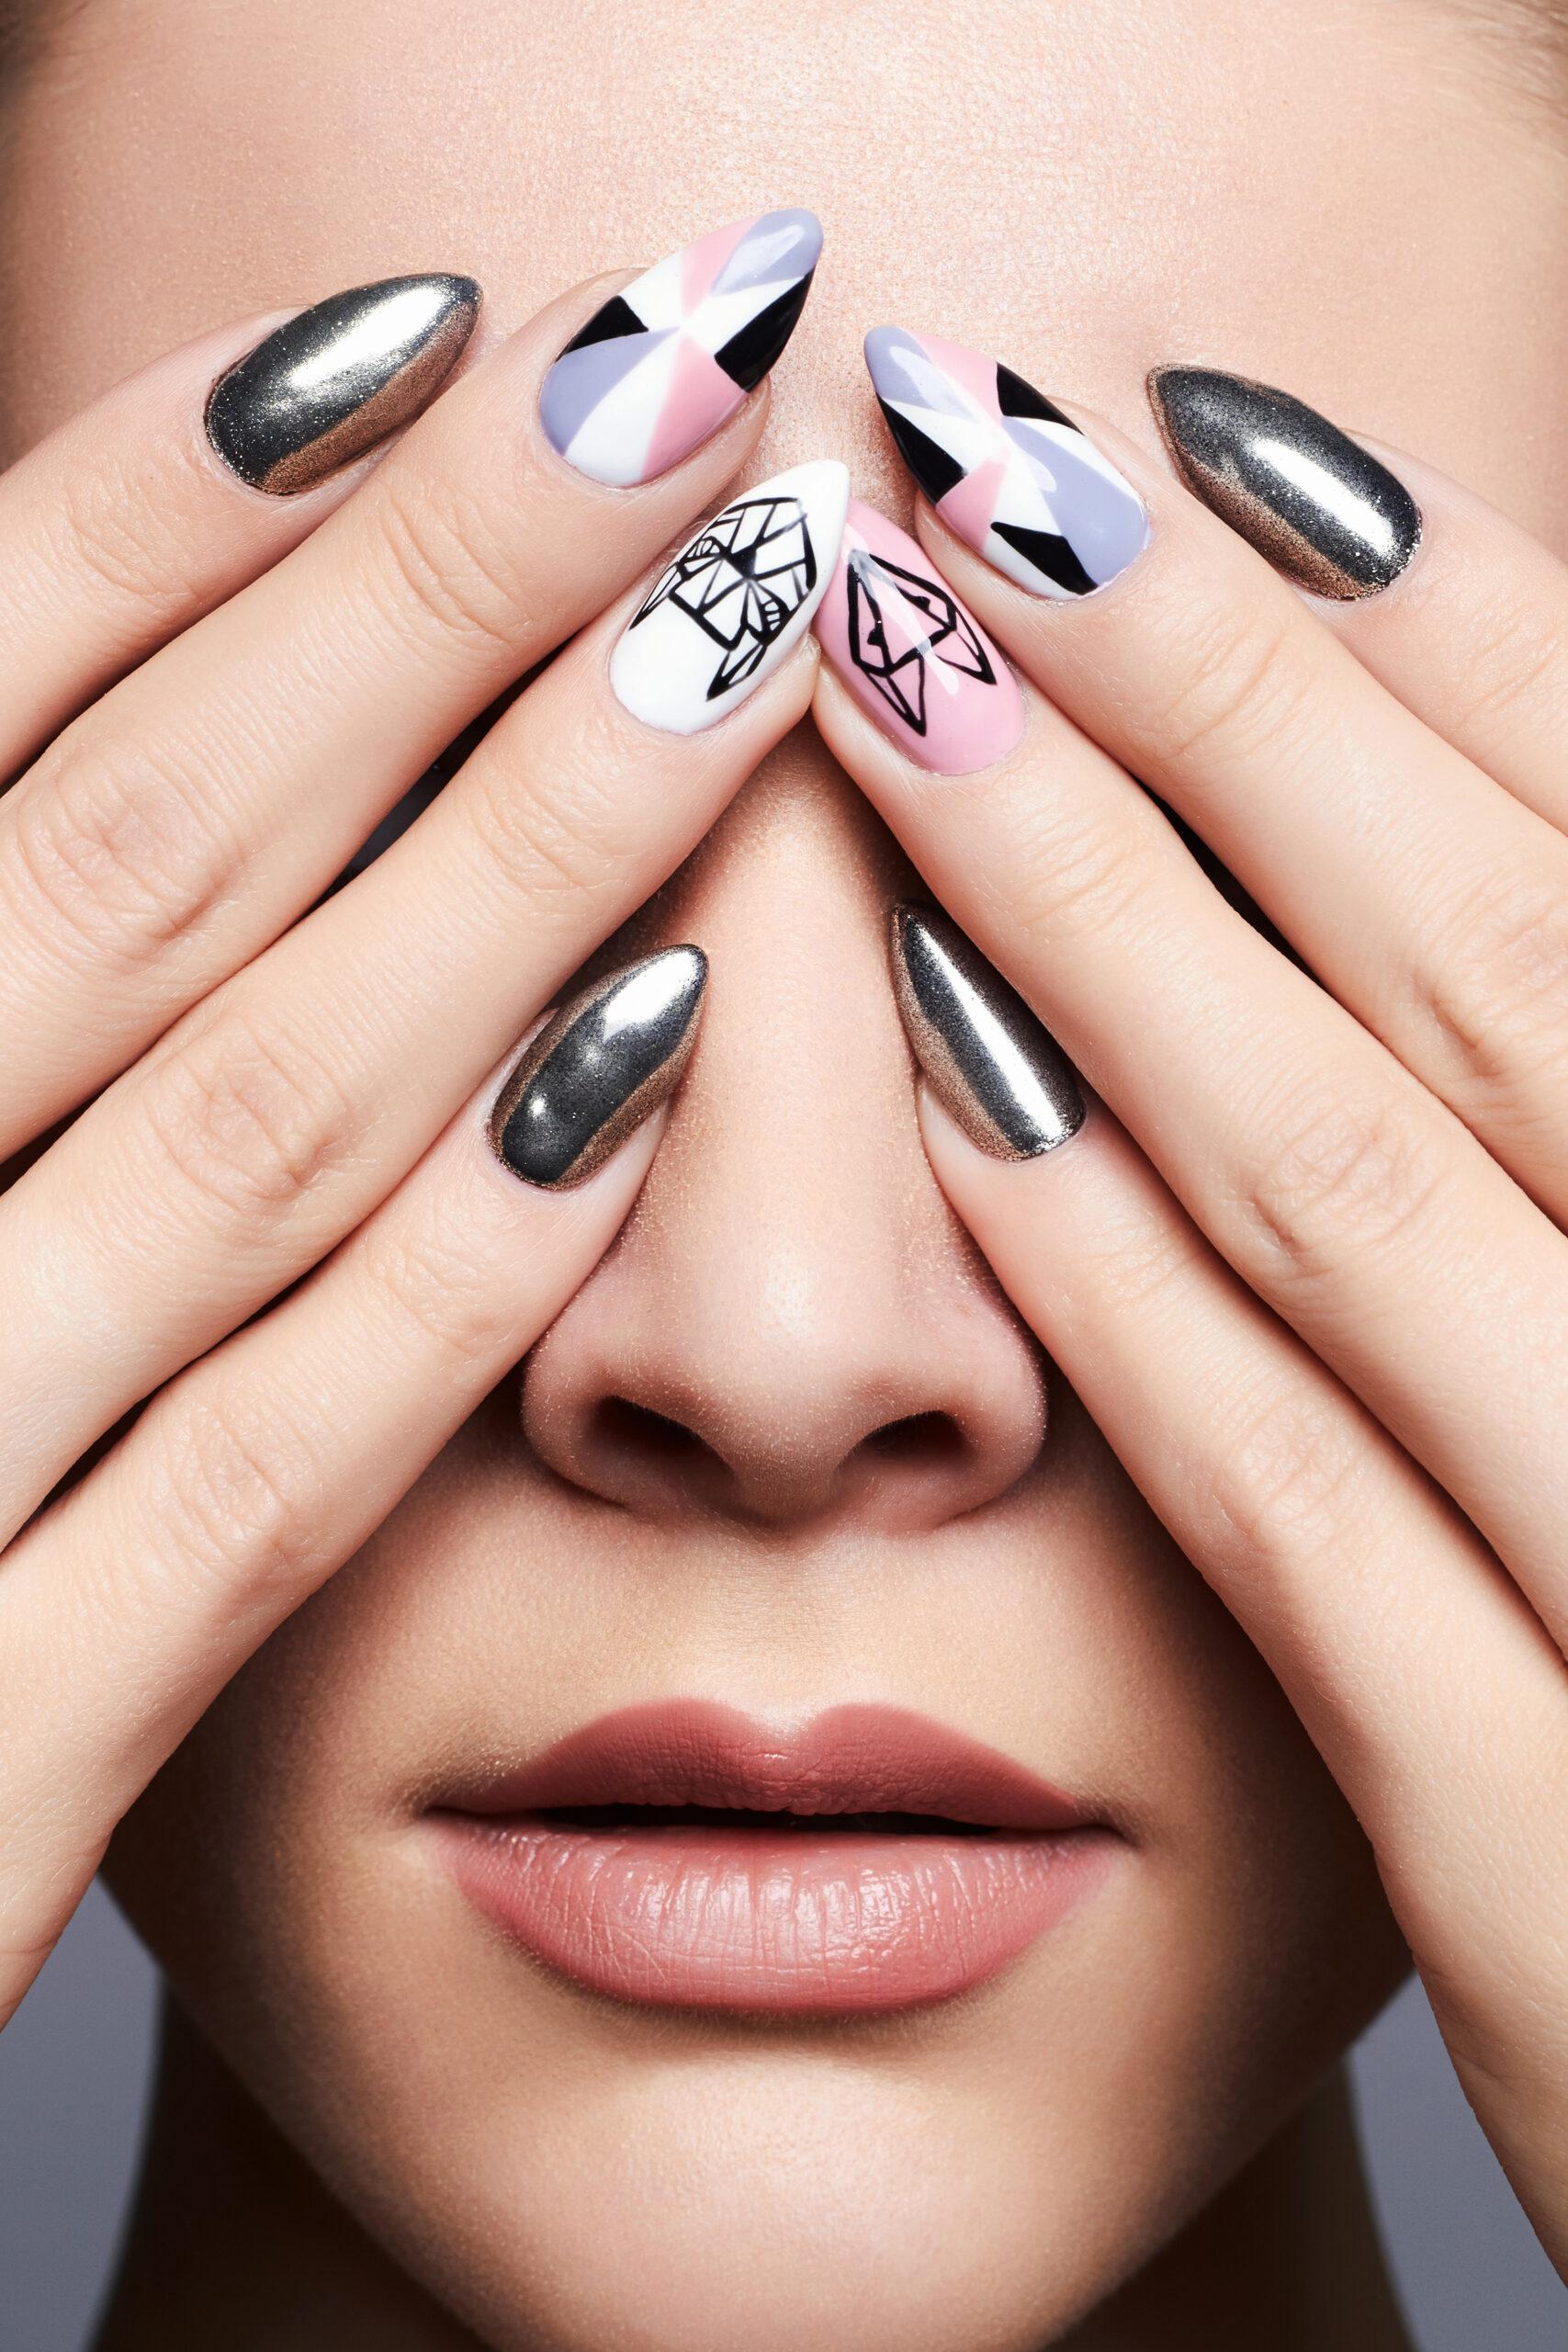 srebrny lustrzany manicure ślubny we wzory